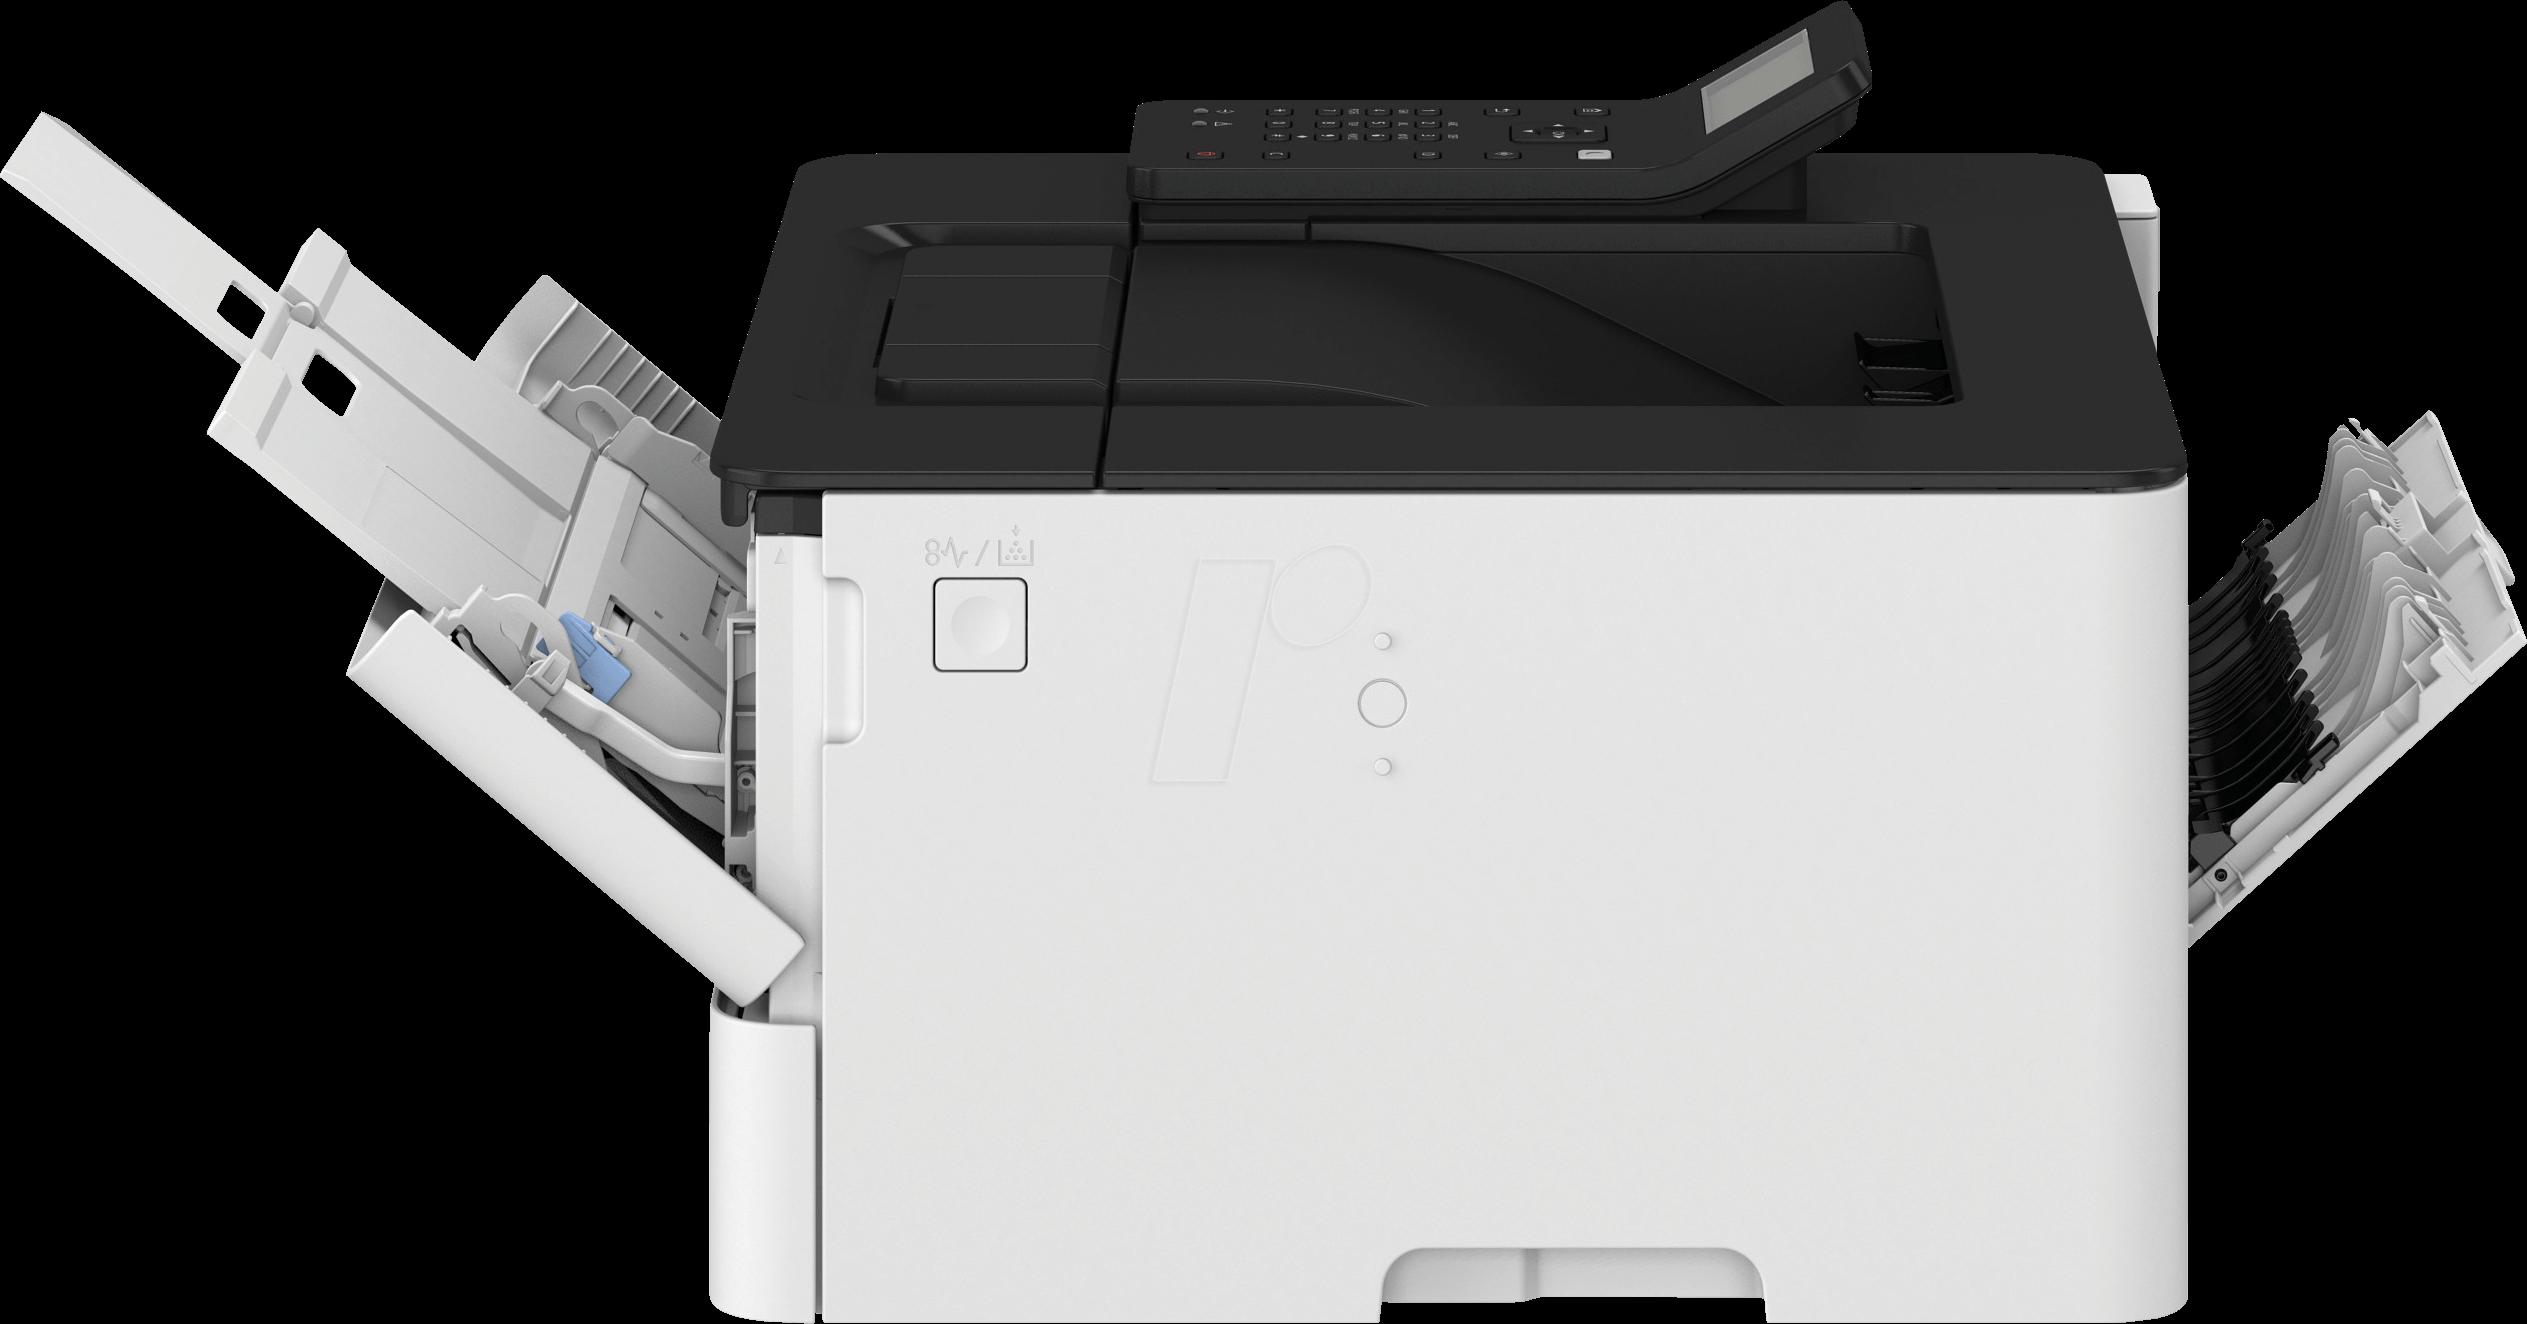 CANON LBP214DW - Laser printer, monochrome, 38 ppm, LAN, Wi-Fi, duplex,  includes